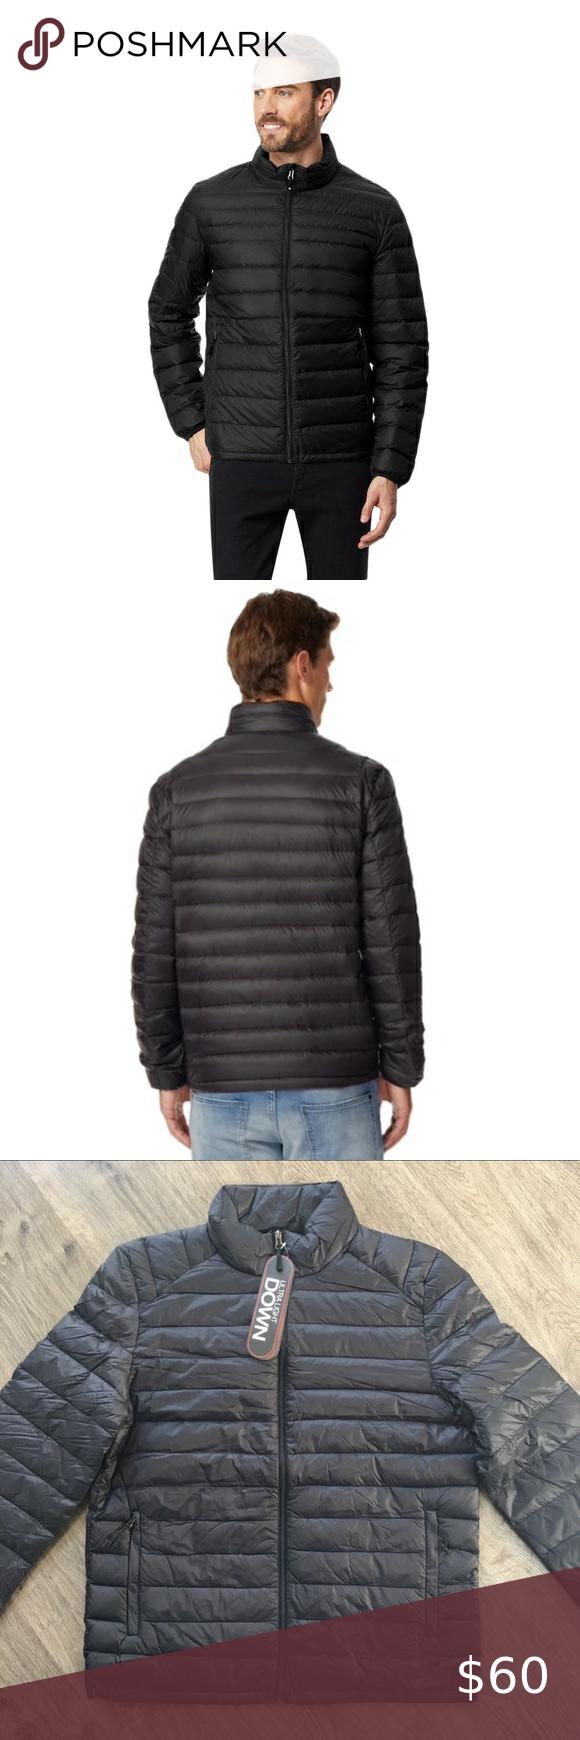 Heatkeep Lightweight Puffer Jacket Very Soft And Lightweight Packable Jacket Received Very High Reviews Online Heatke Packable Jacket Jackets Puffer Jackets [ 1740 x 580 Pixel ]